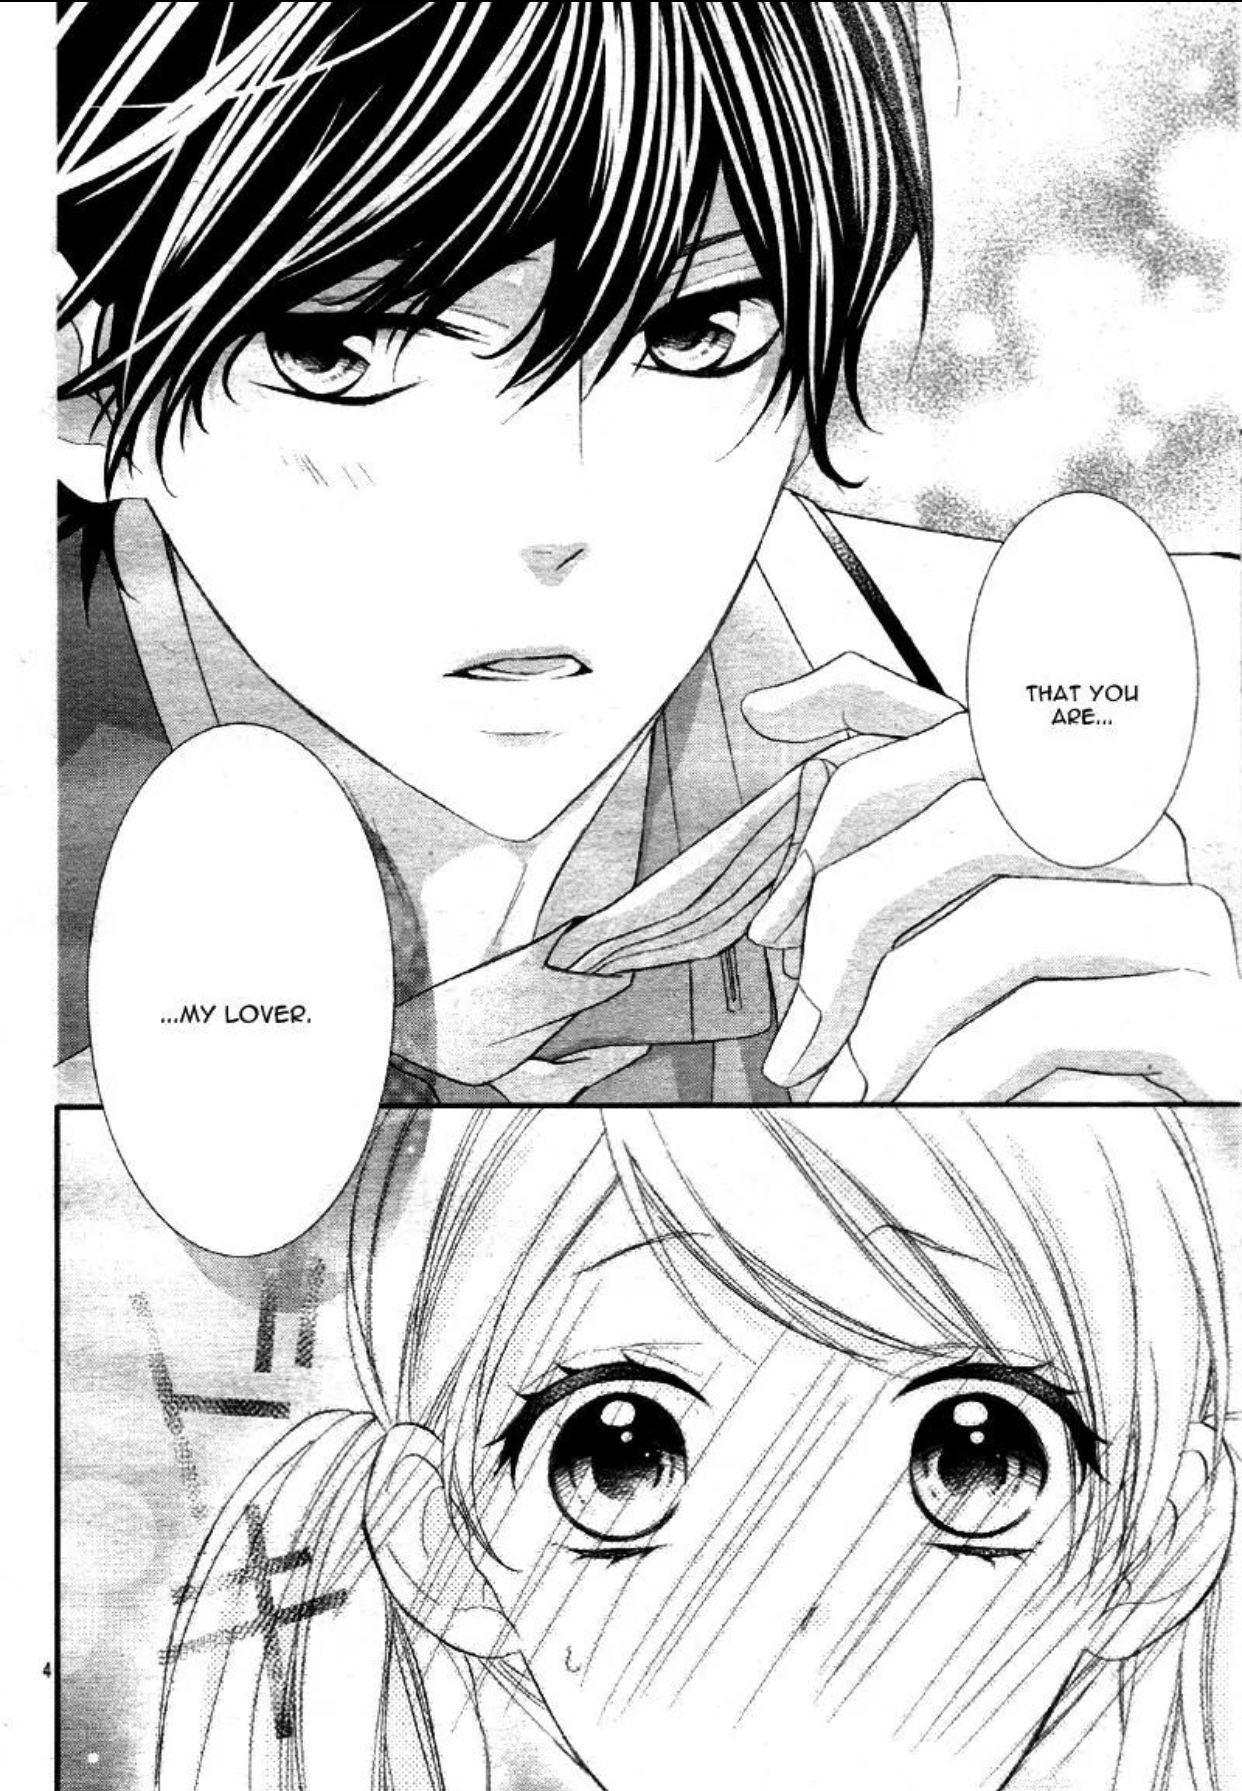 Pin on Ano Ko no, Toriko Manga Shizuku ️ Yori